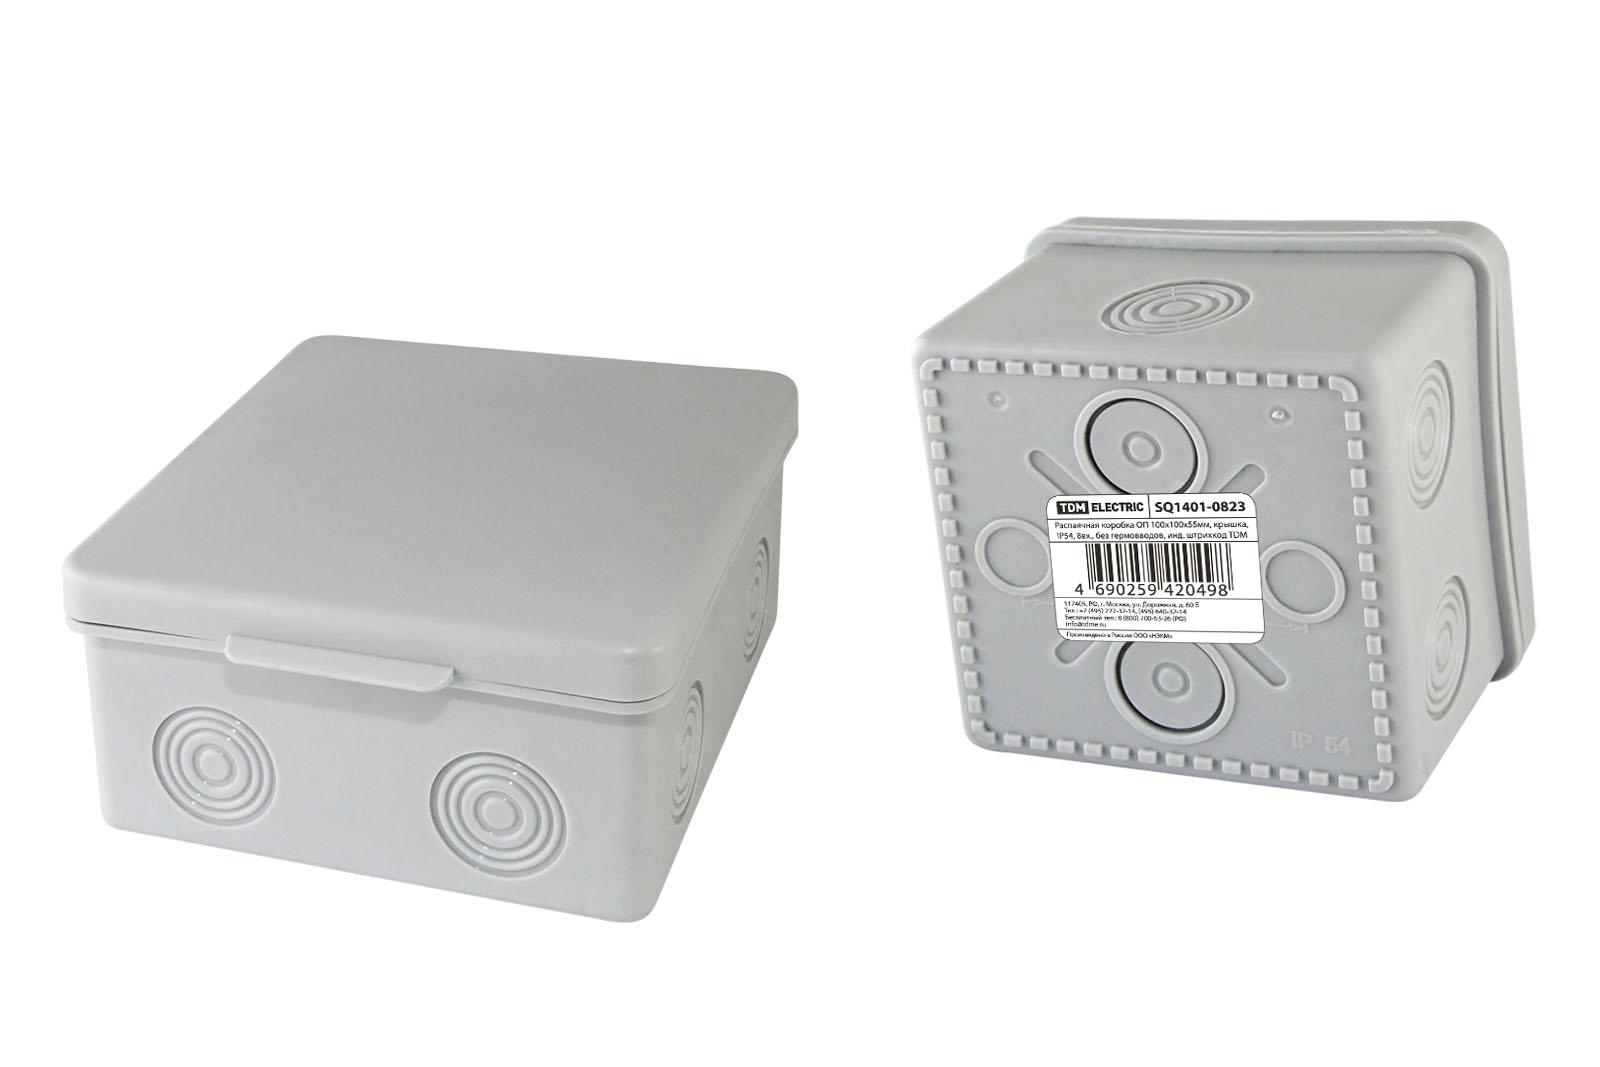 Фото Распаячная коробка ОП 100х100х55мм, крышка, IP54, 8вх., без гермовводов, инд. штрихкод TDM {SQ1401-0823}